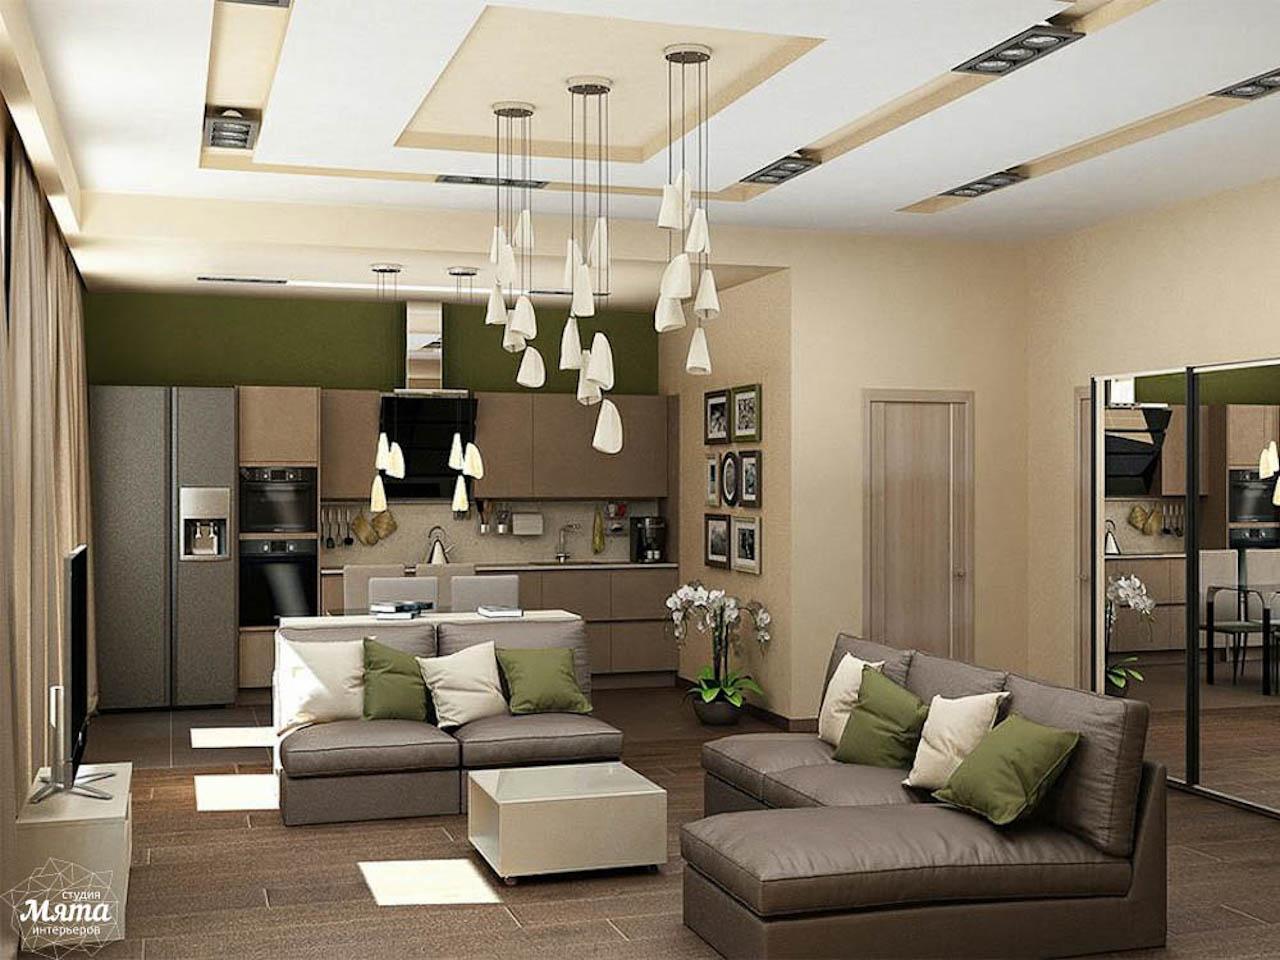 Дизайн интерьера трехкомнатной квартиры по ул. Грибоедова 26 img1452596718